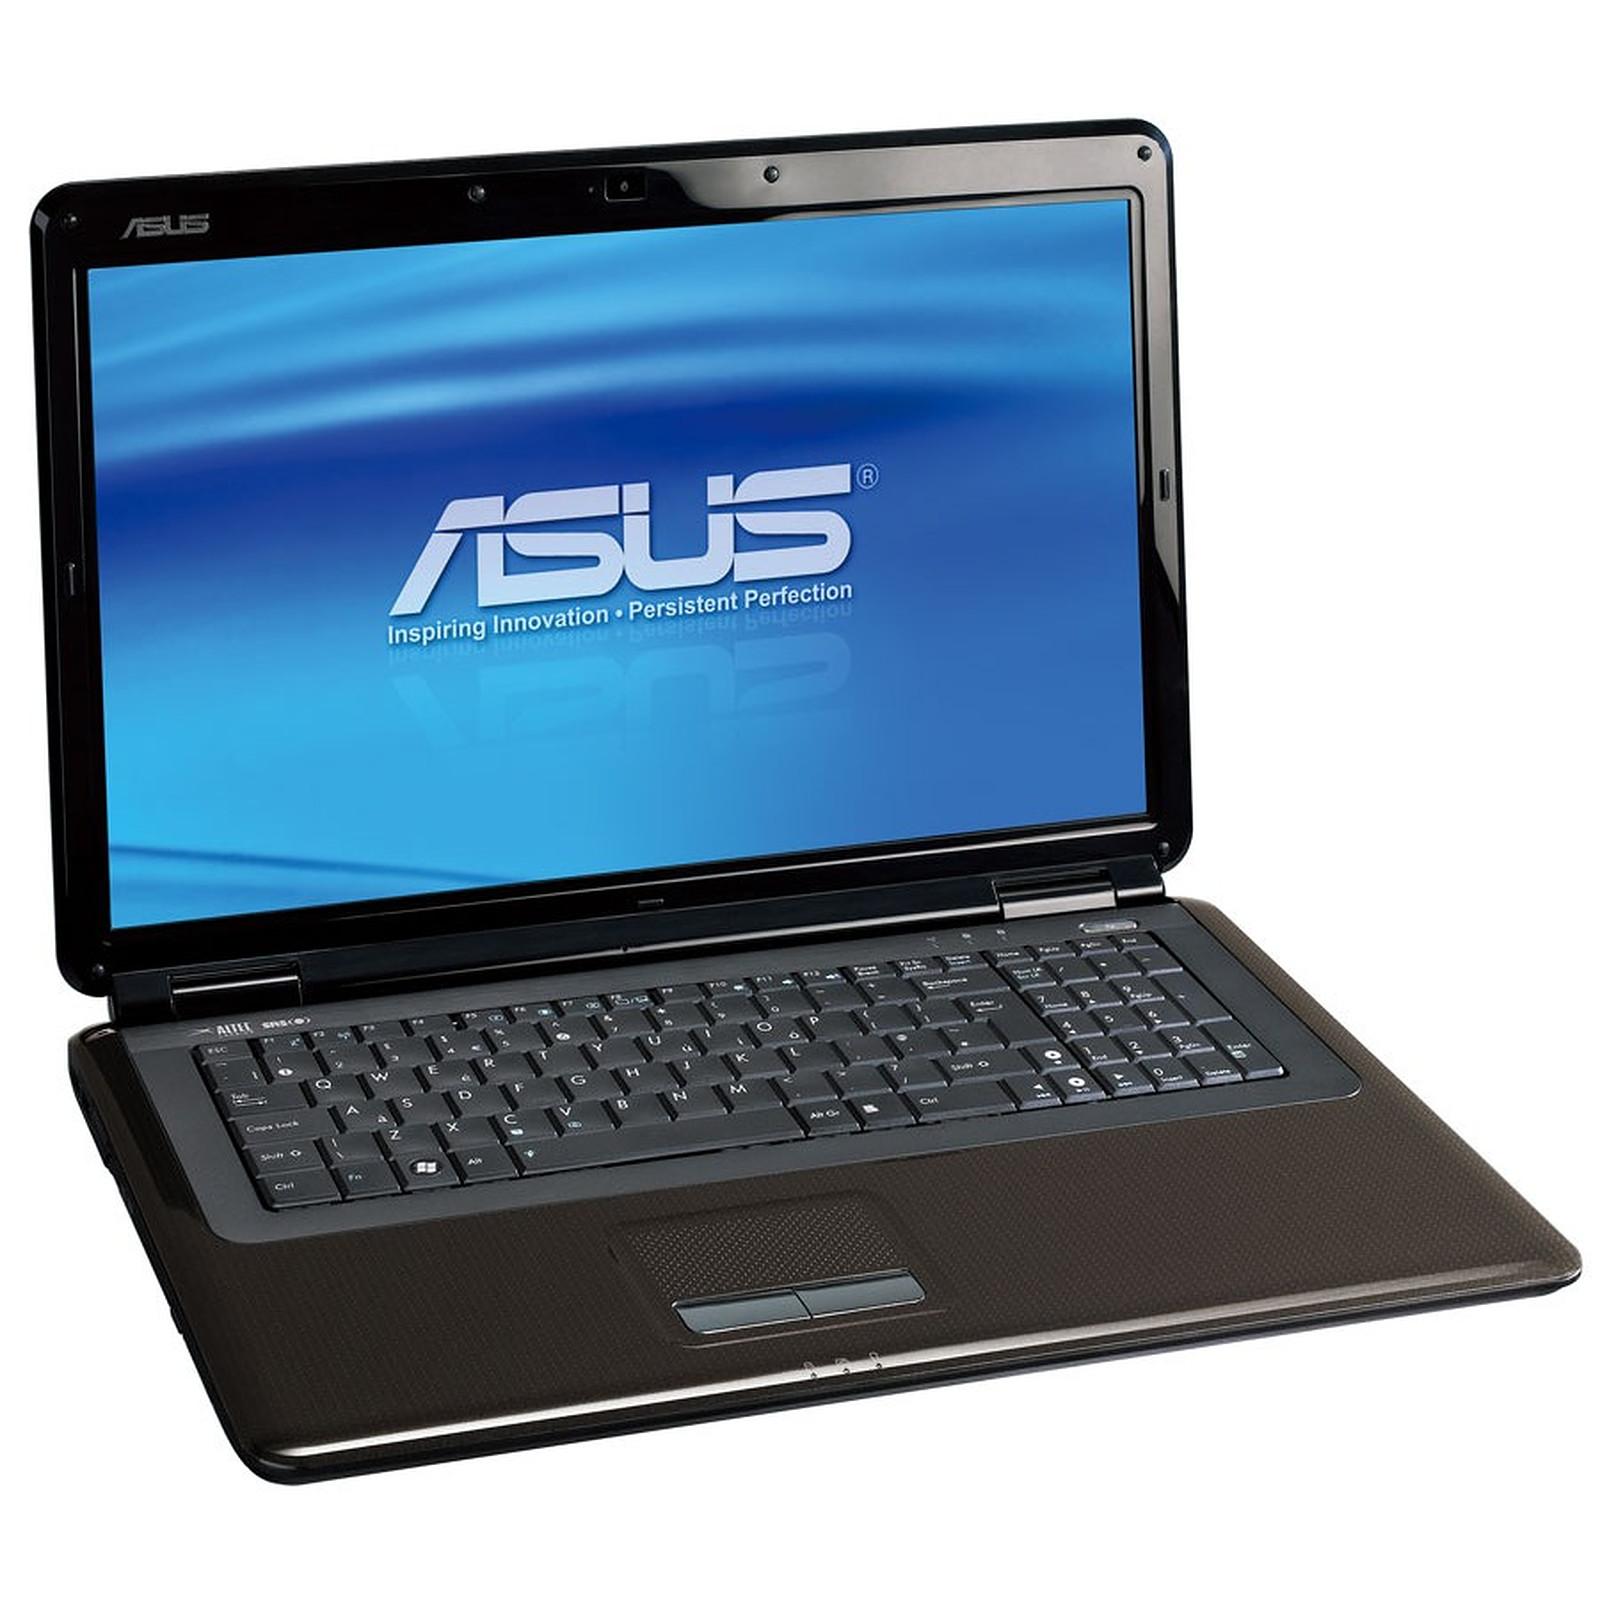 ASUS X70IJ-TY177V